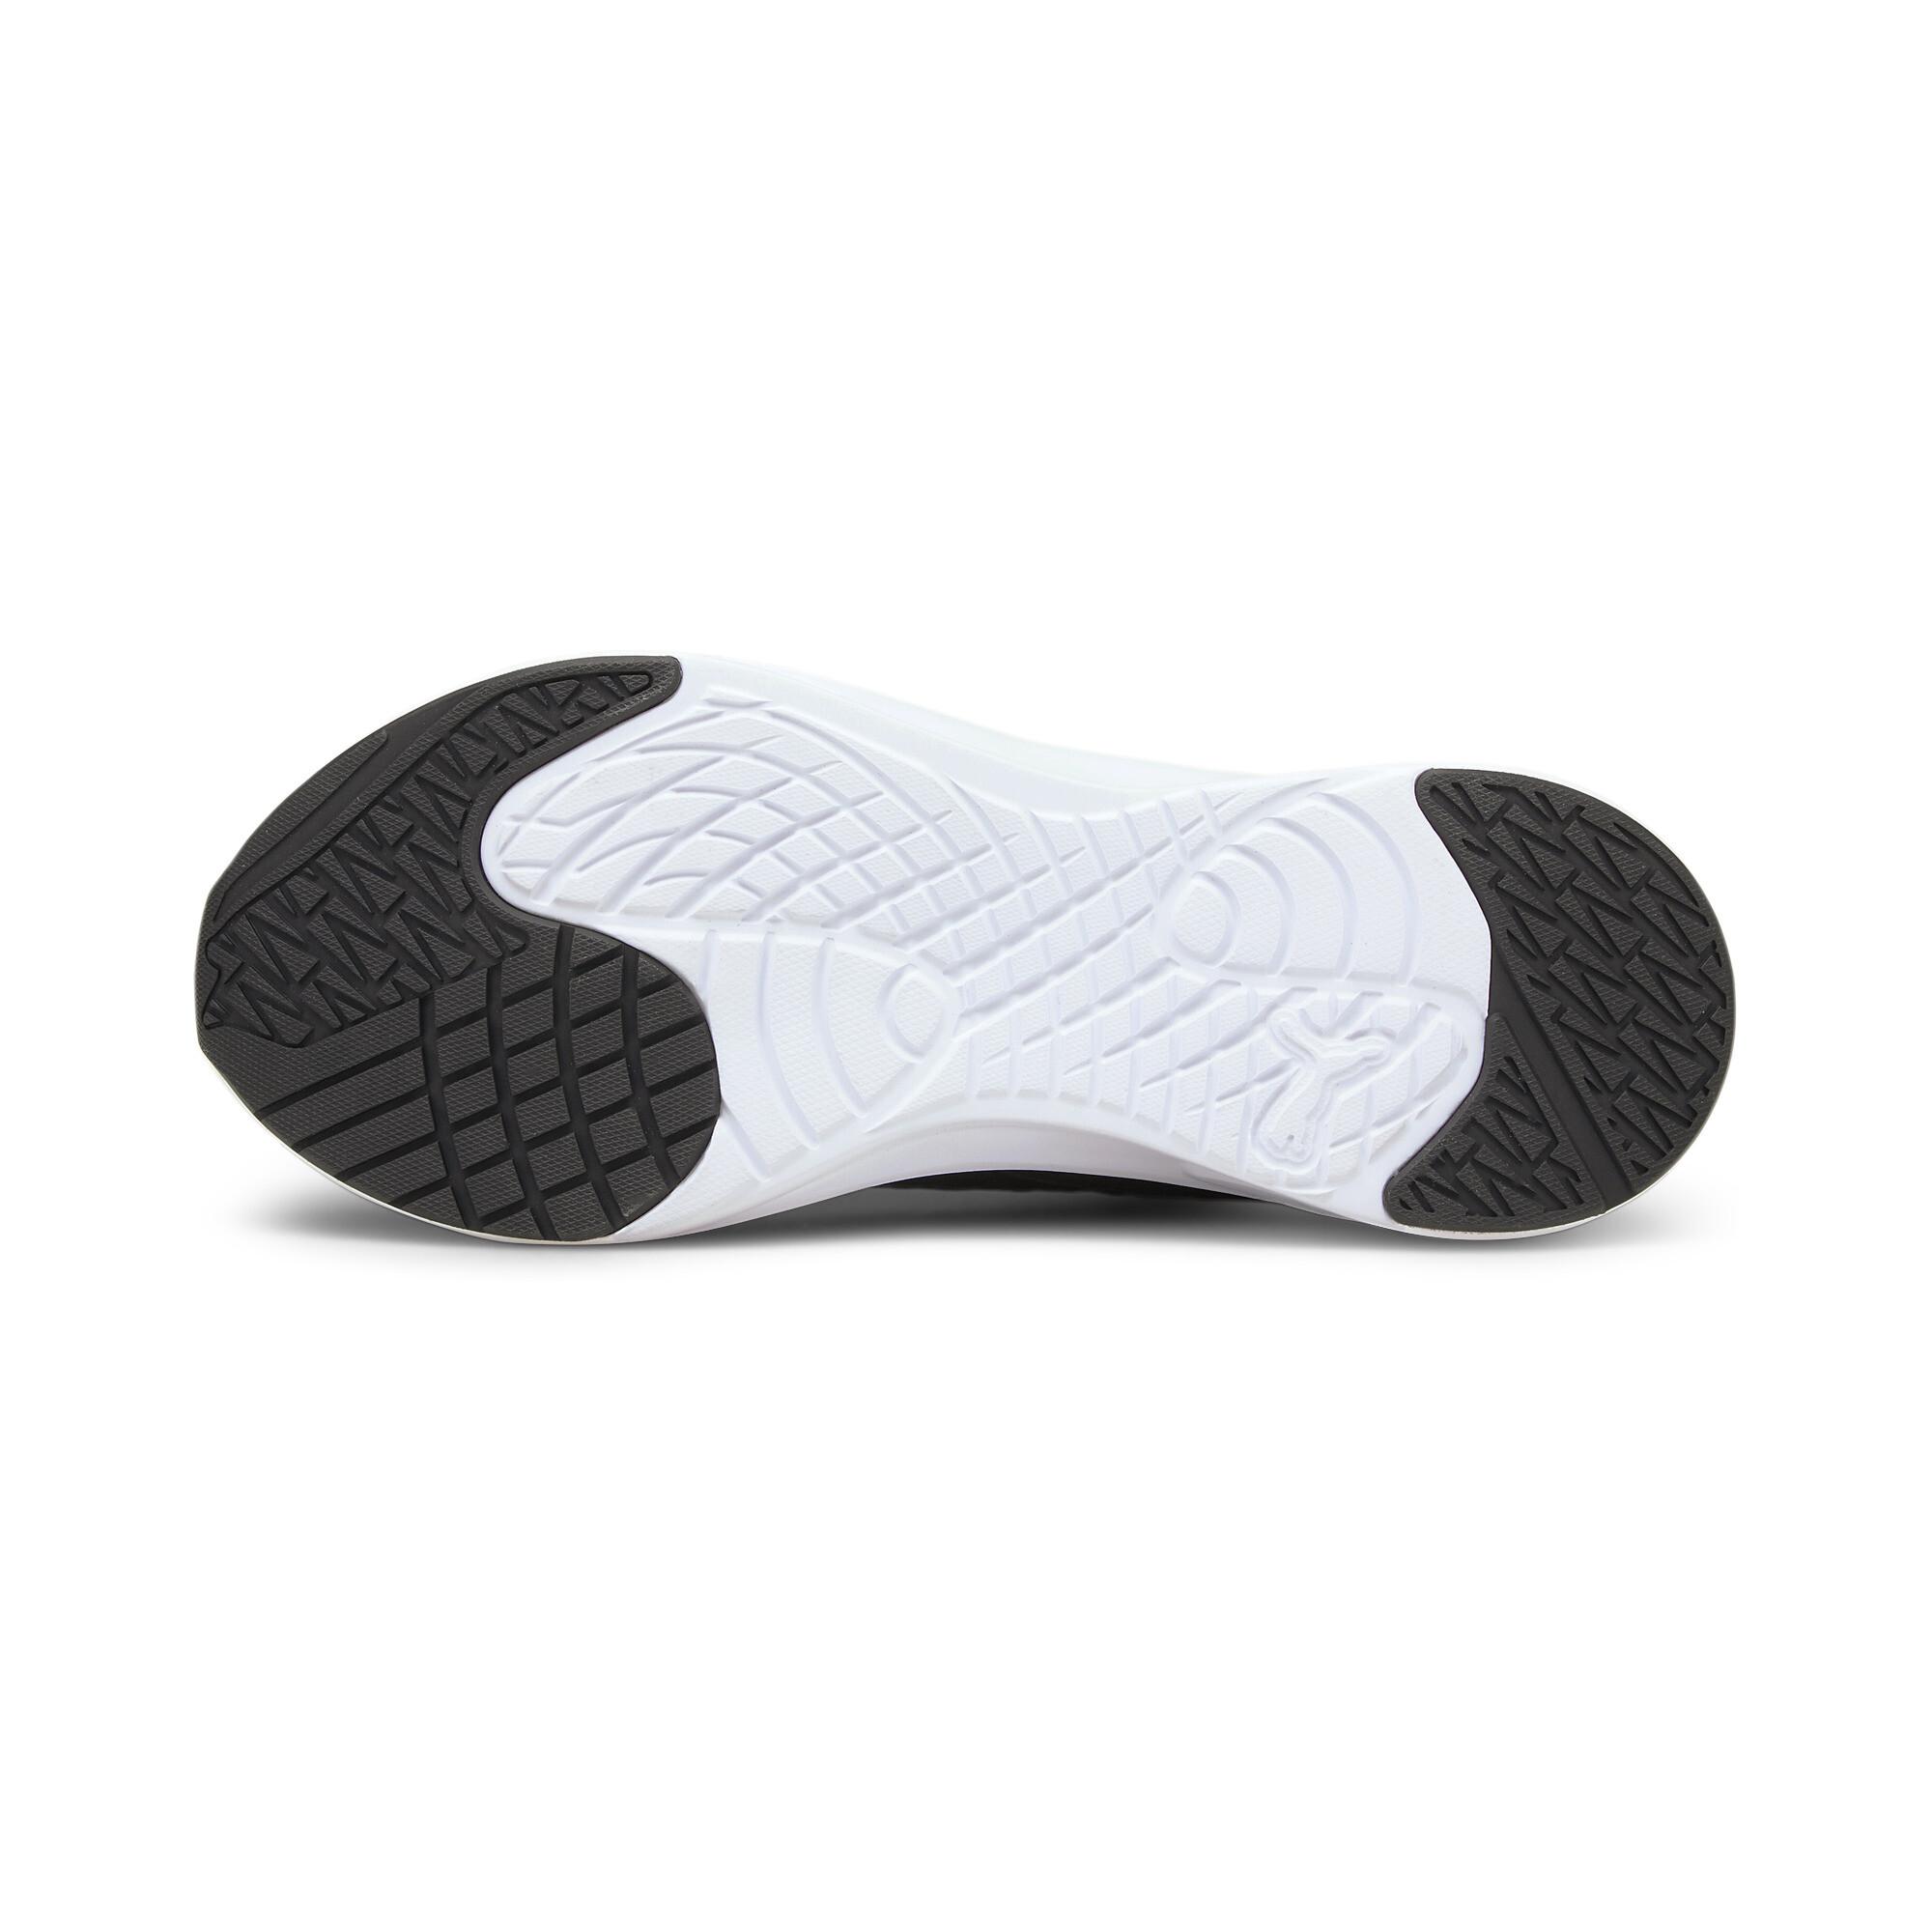 thumbnail 12 - Puma Men's Scorch Runner Running Shoes